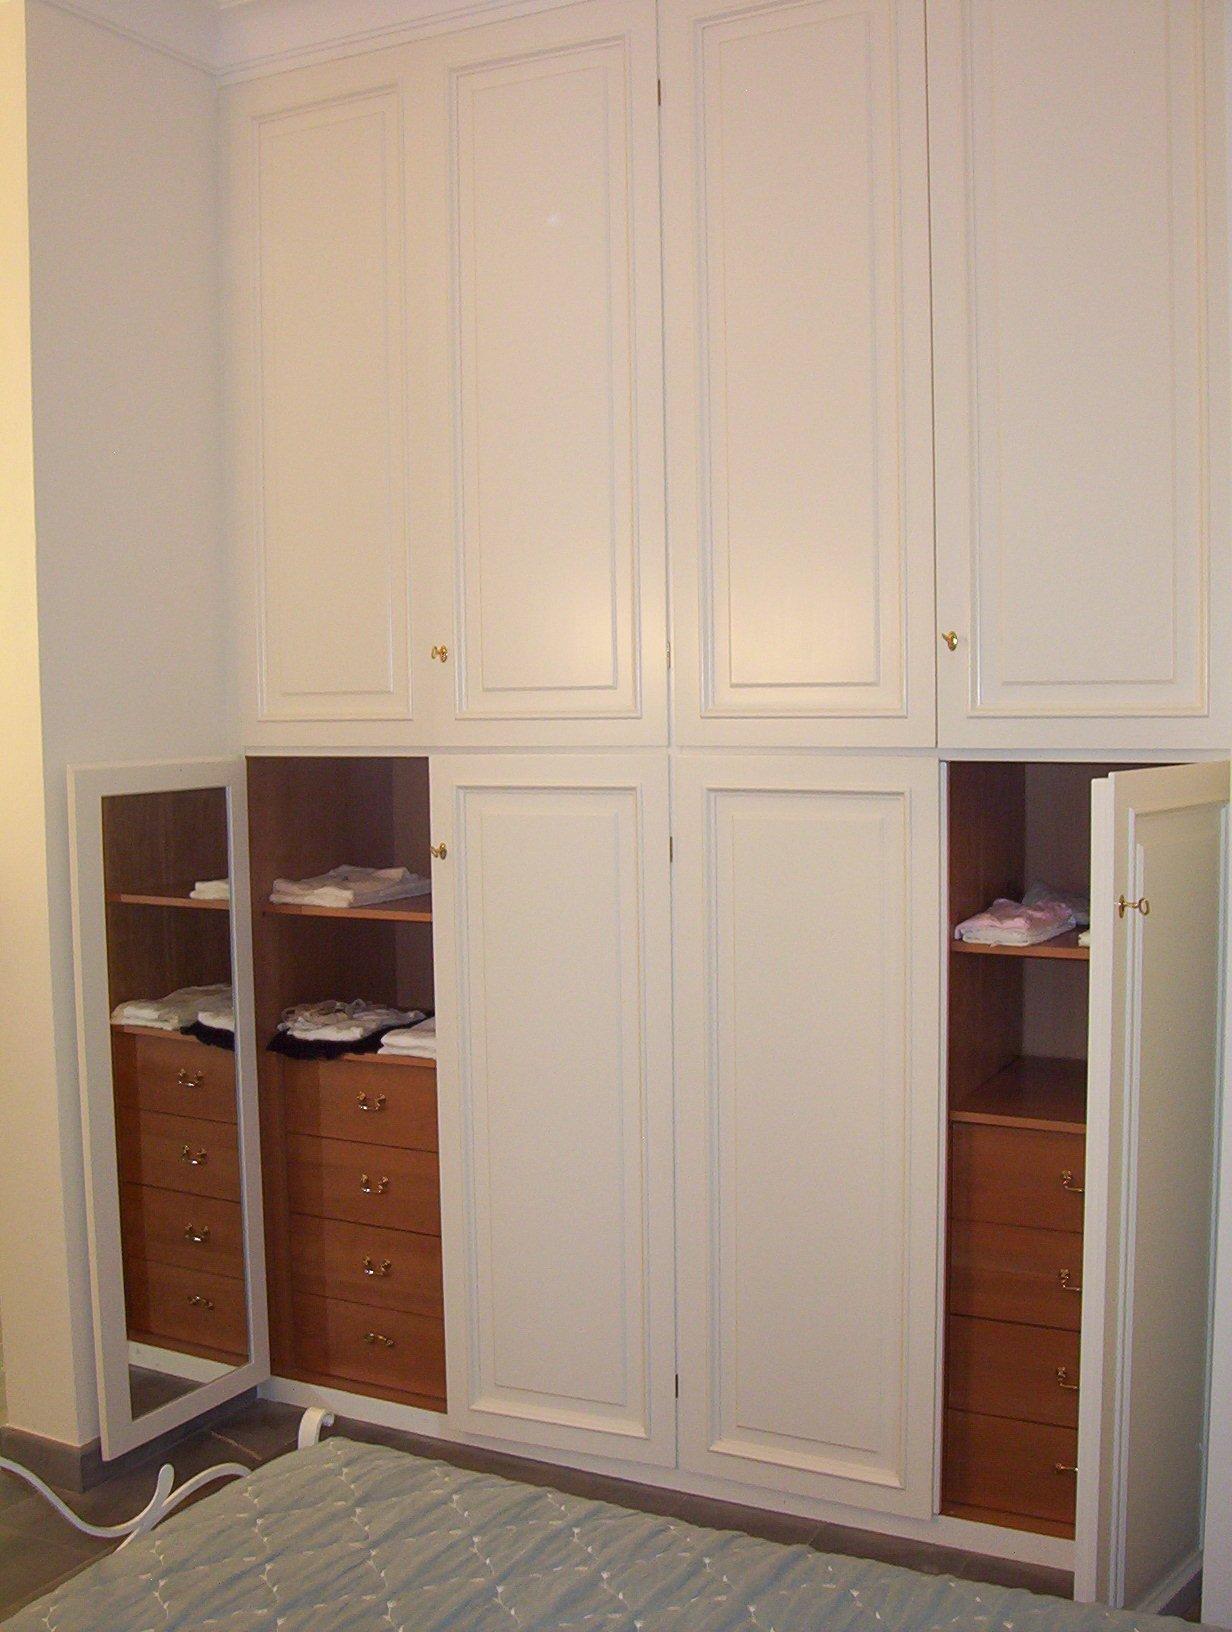 legno camera letto 4